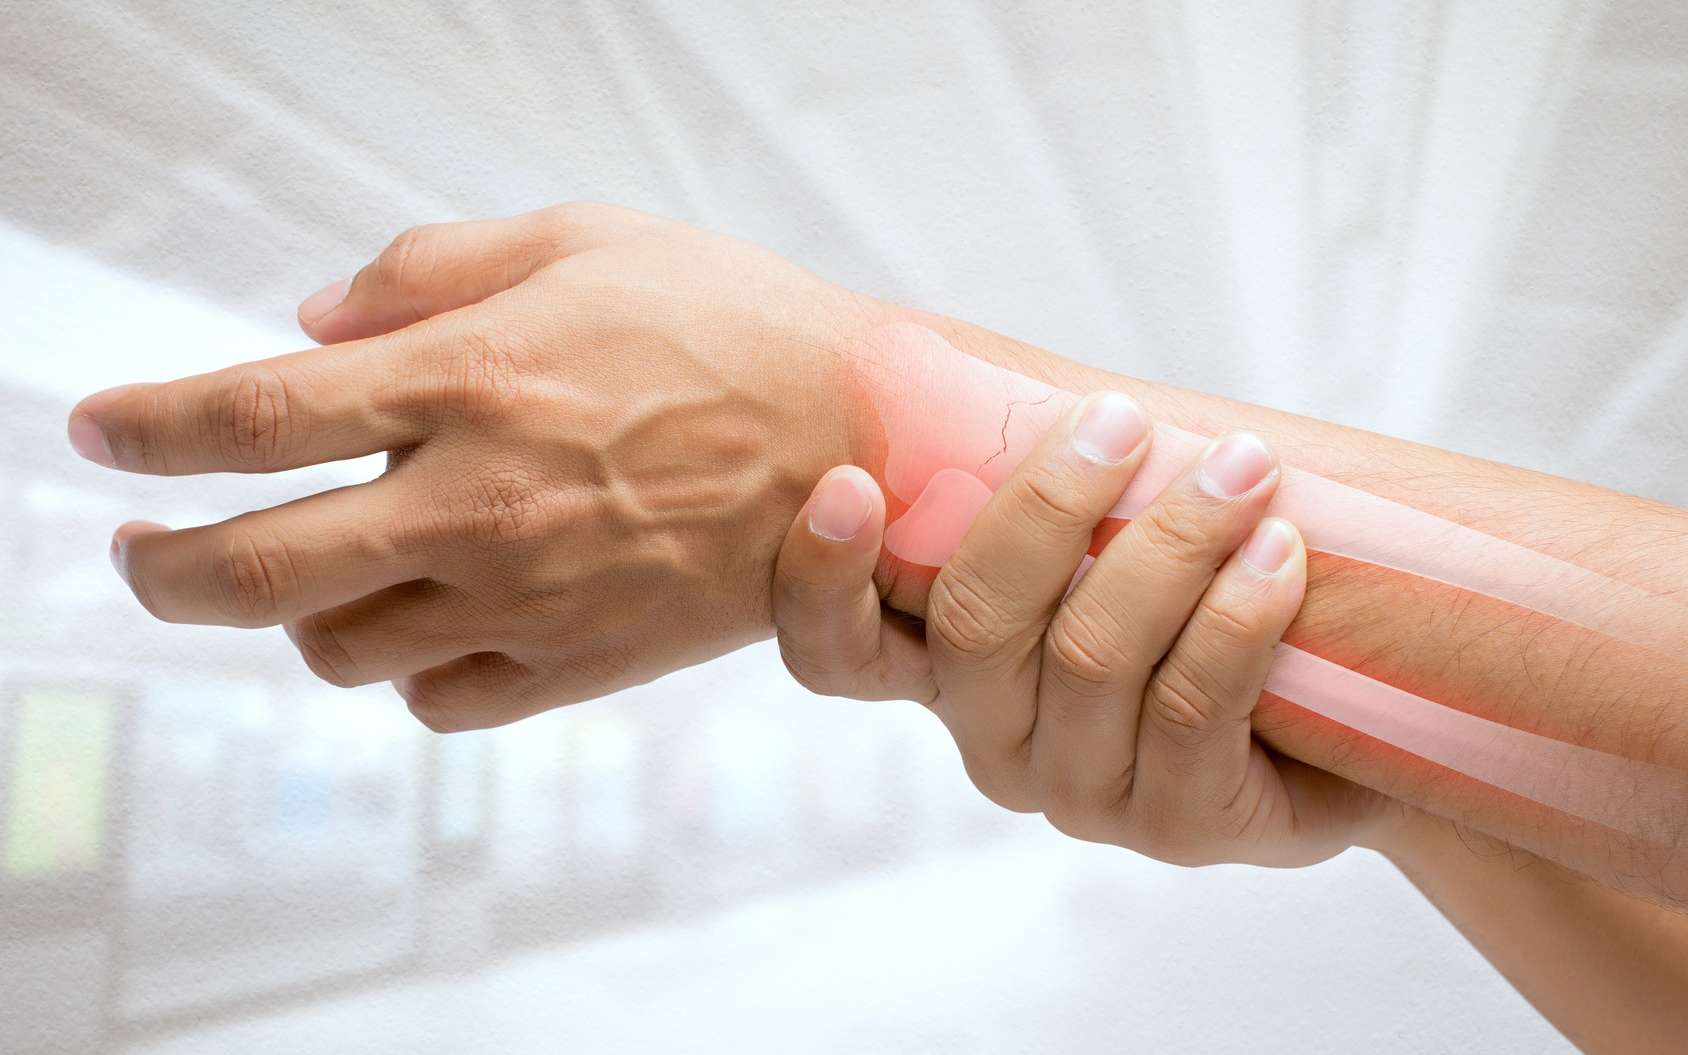 Les os, bien que durs, sont traversés par un réseau de fins vaisseaux sanguins. © Adiano, Fotolia